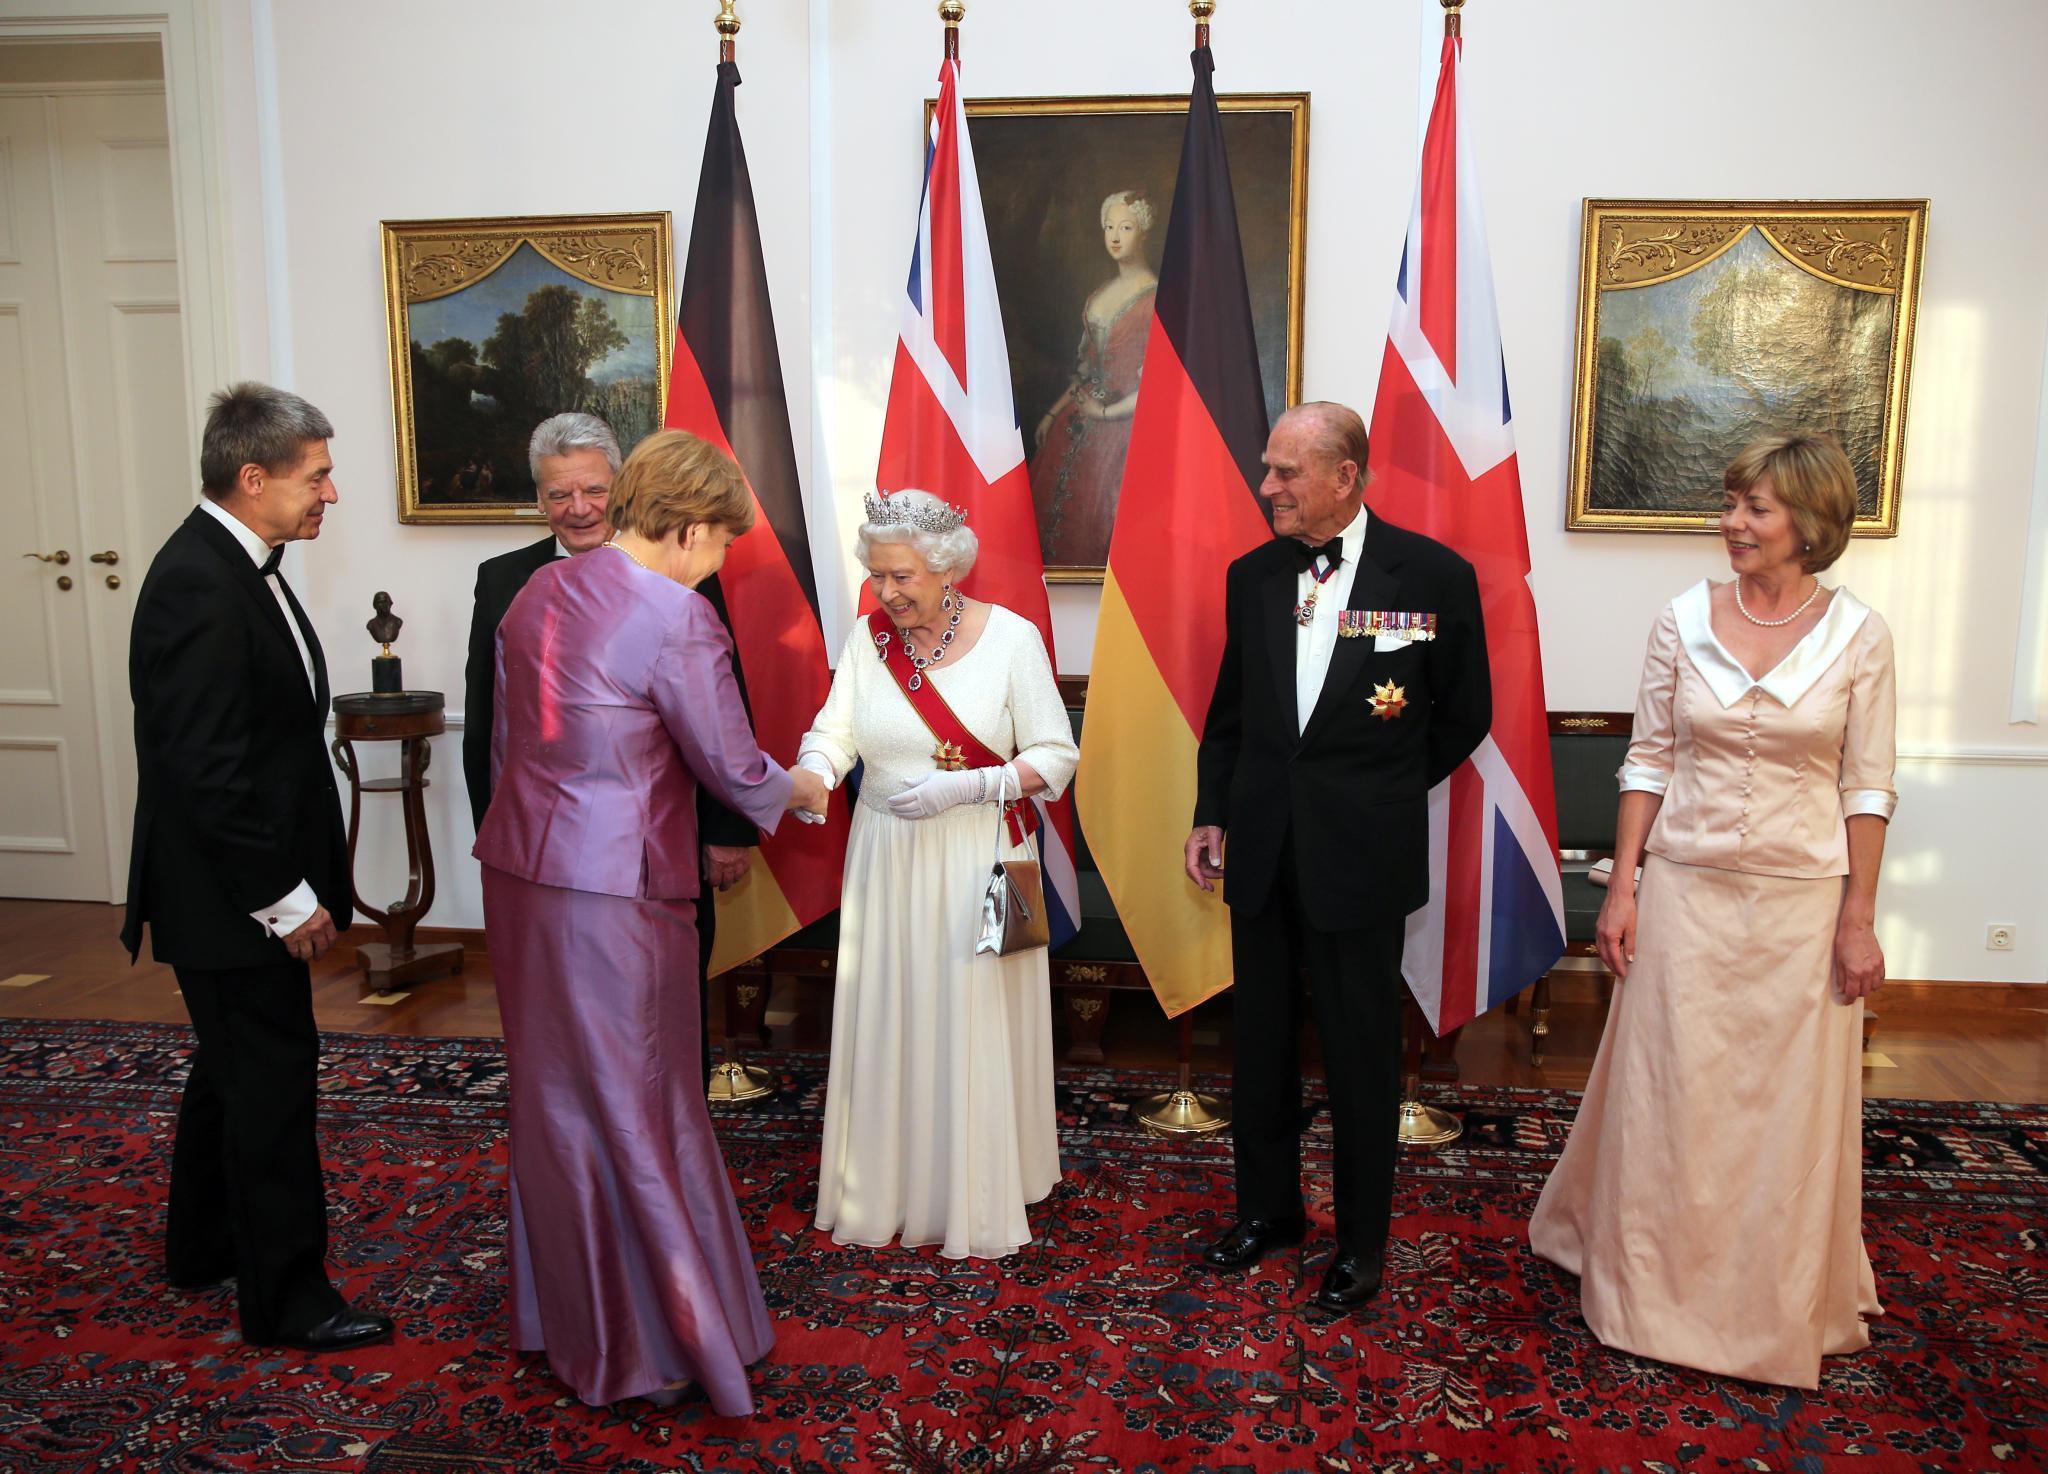 Bundeskanzlerin Angela Merkel und ihr Mann Joachim Sauer gehören zu den rund 130 Gästen, die beim großen Defilee vor dem Dinner noch einmal die Queen begrüßen.